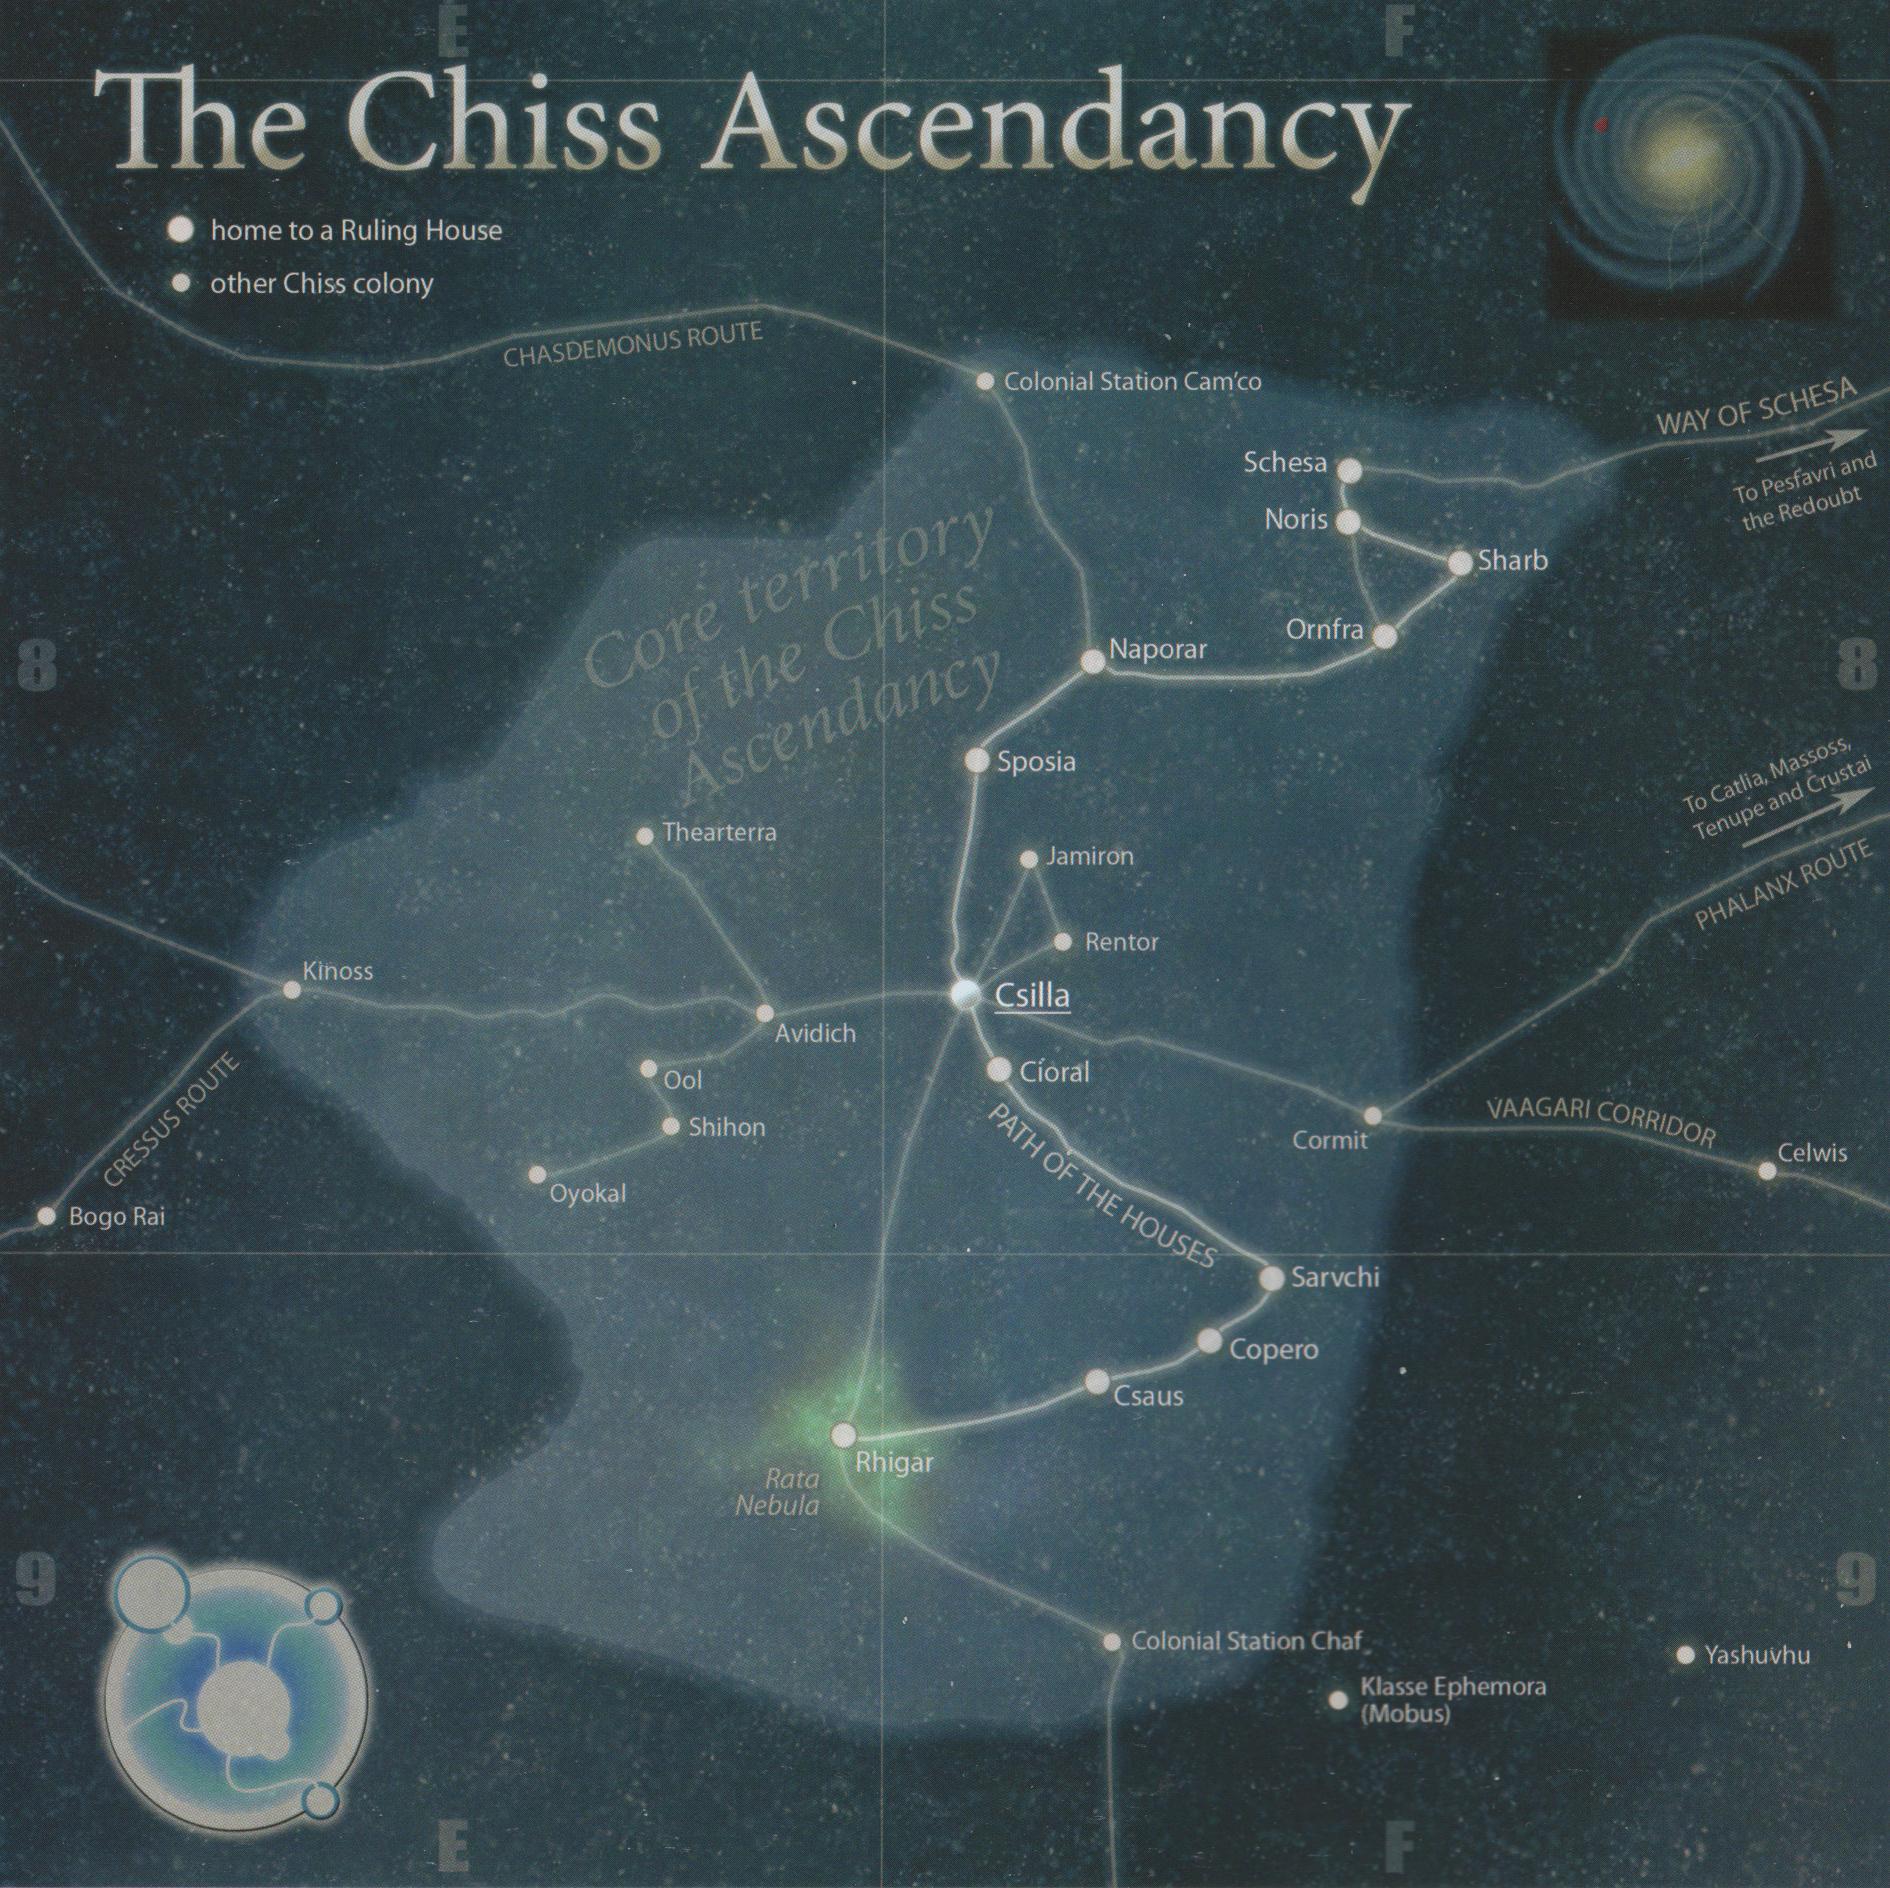 Chiss Ascendancy | Wookieepedia | Fandom